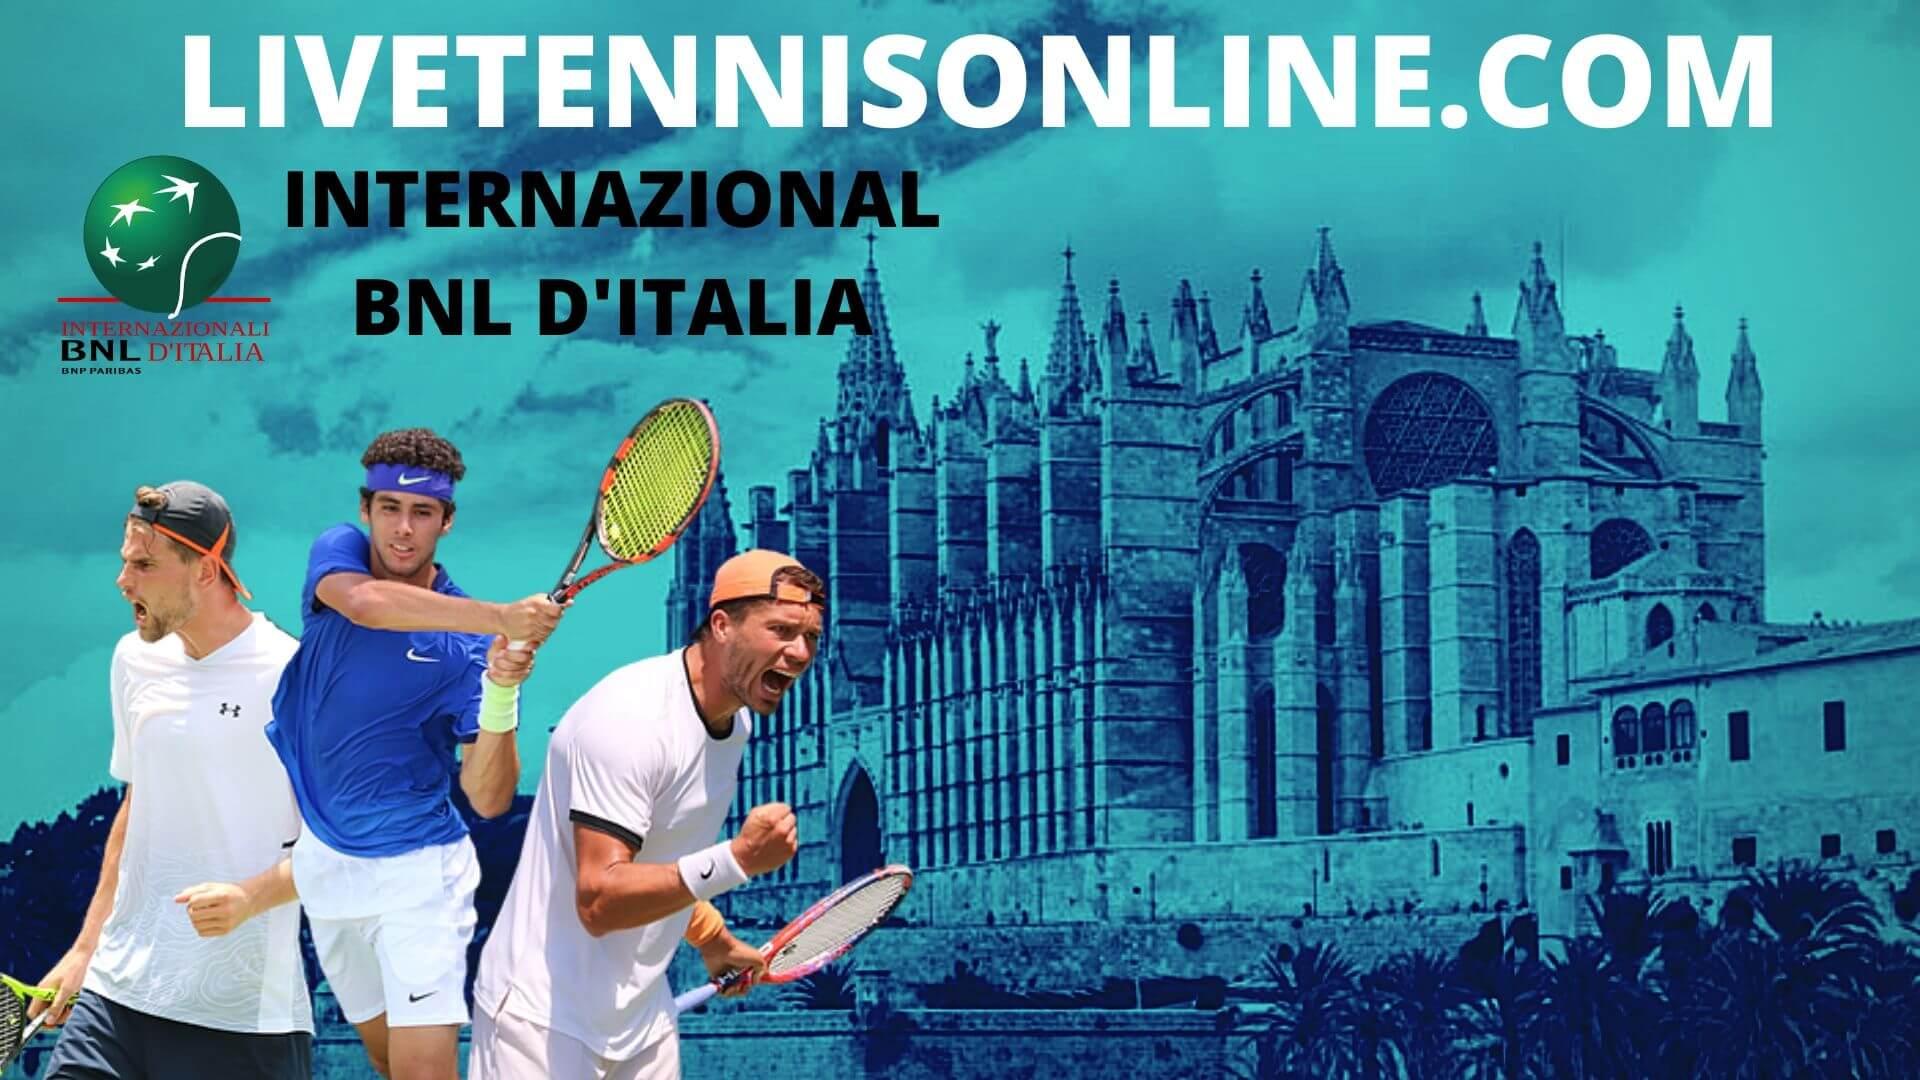 Internazionali BNL d Italia Live Stream 2020 | Day 1